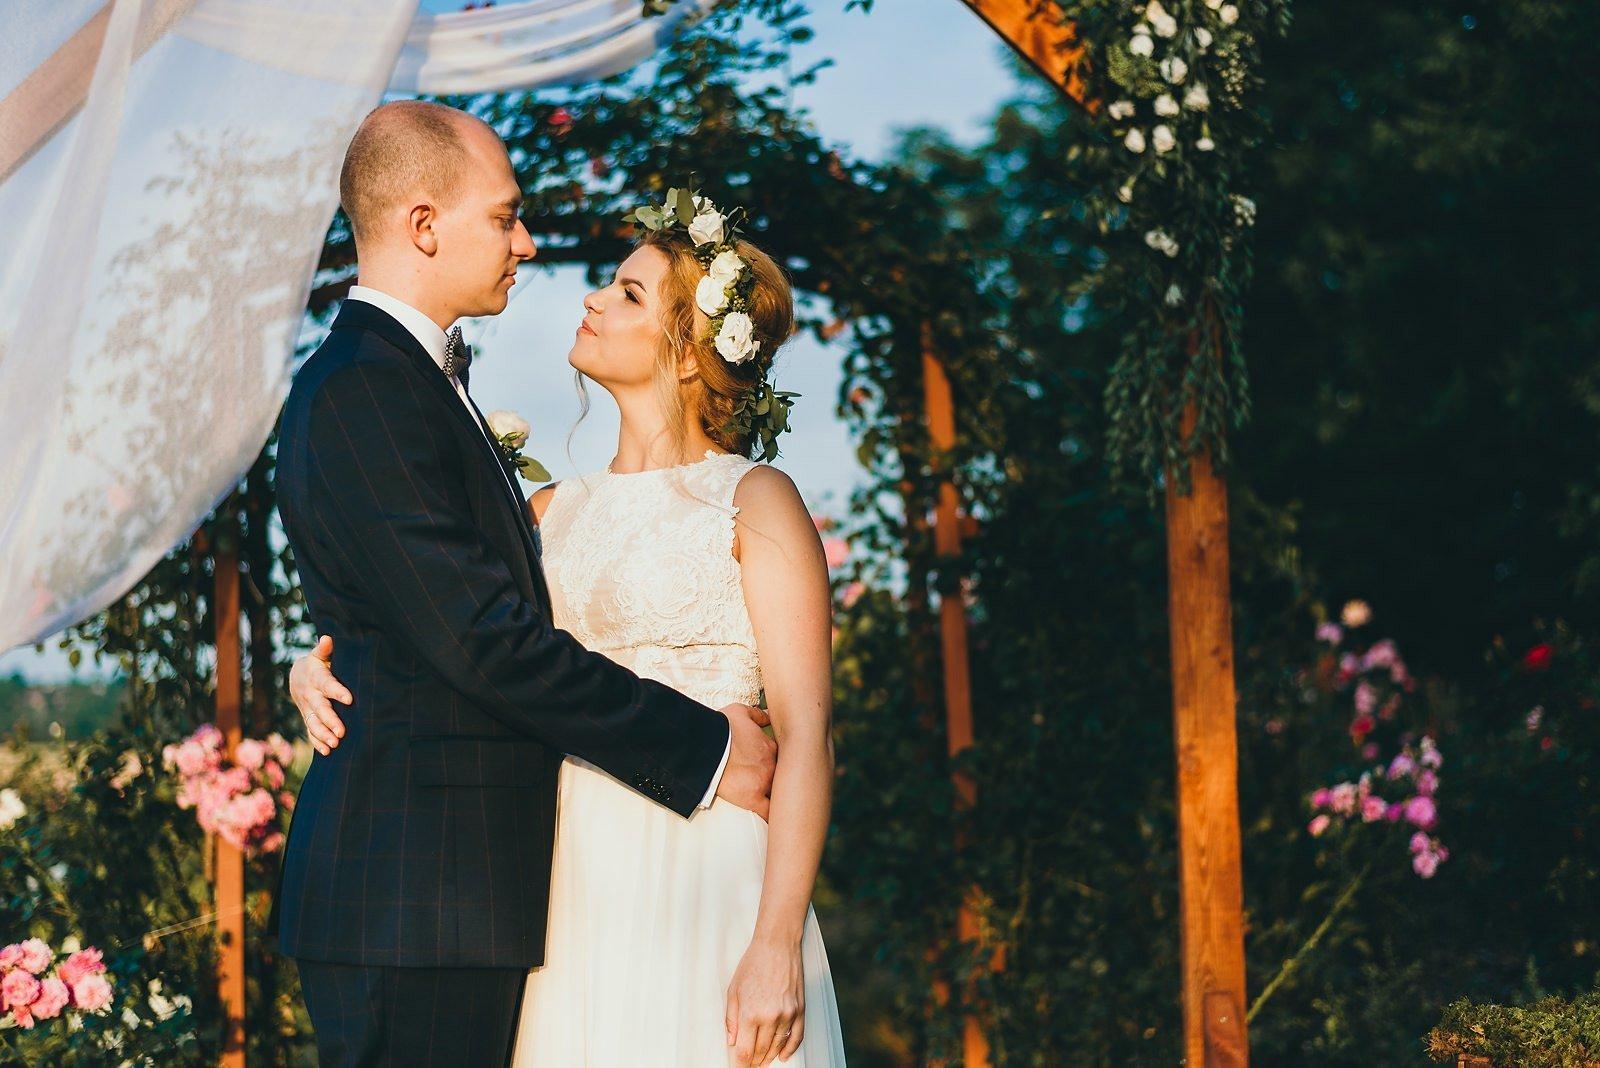 Justyna i Szymon - plenerowy ślub w stylu boho 80